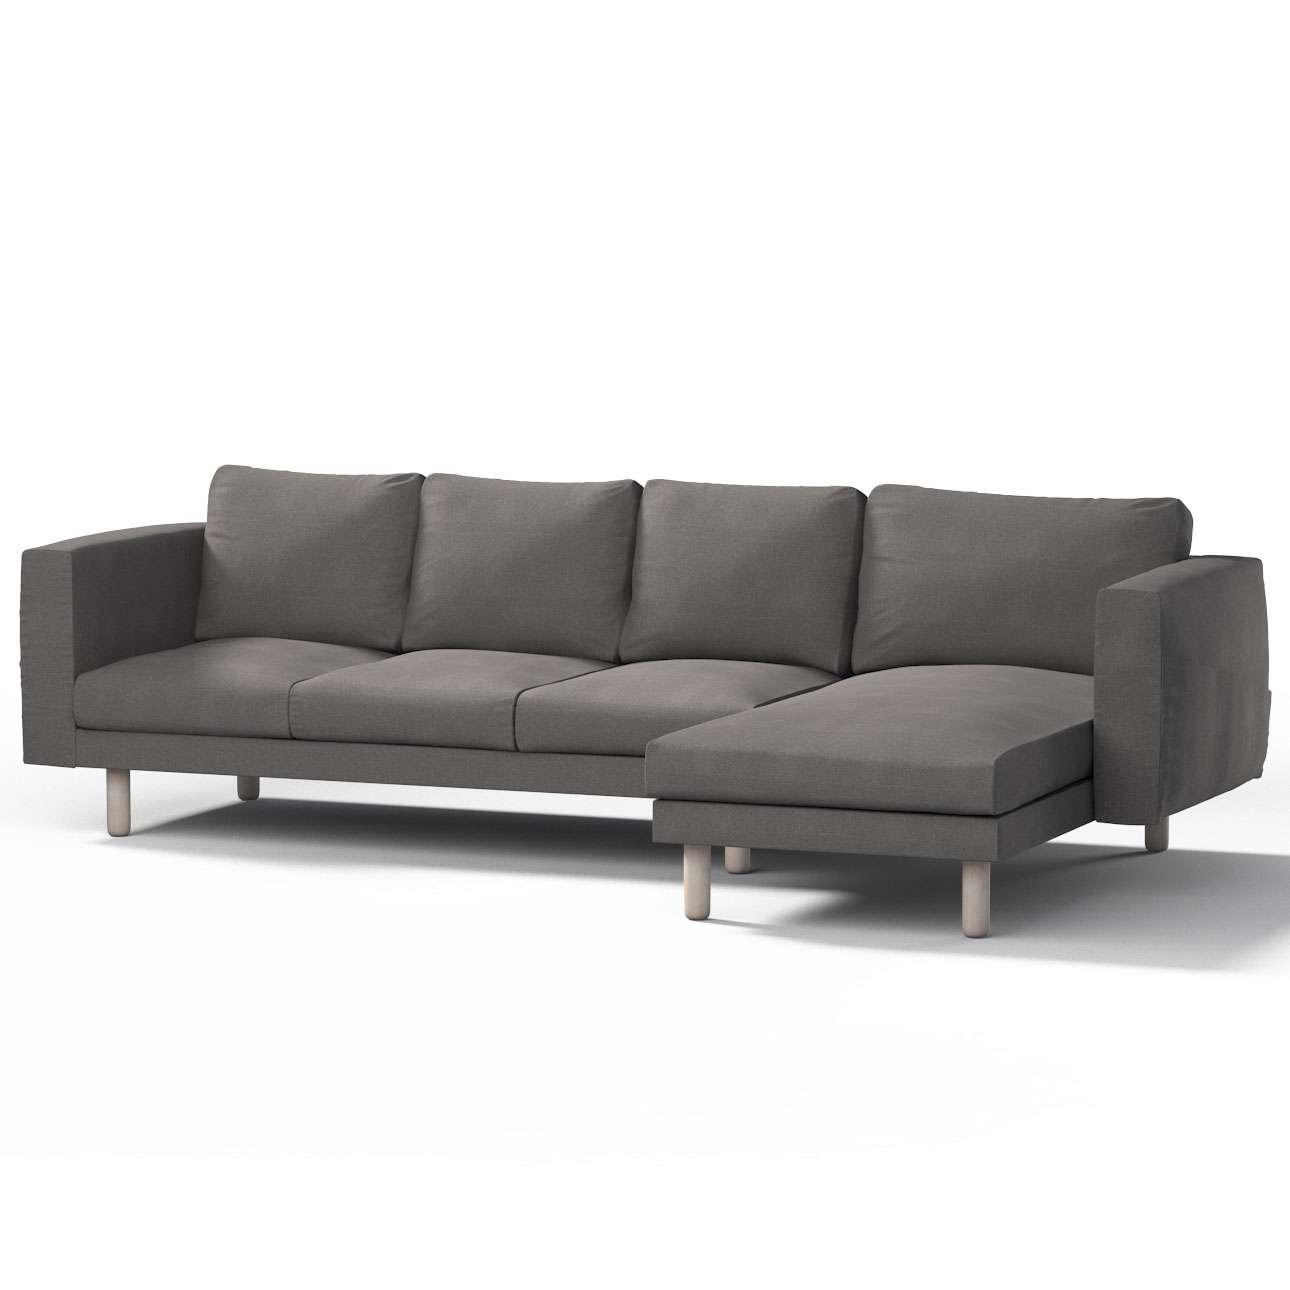 Pokrowiec na sofę Norsborg 4-osobową z szezlongiem w kolekcji Etna, tkanina: 705-35